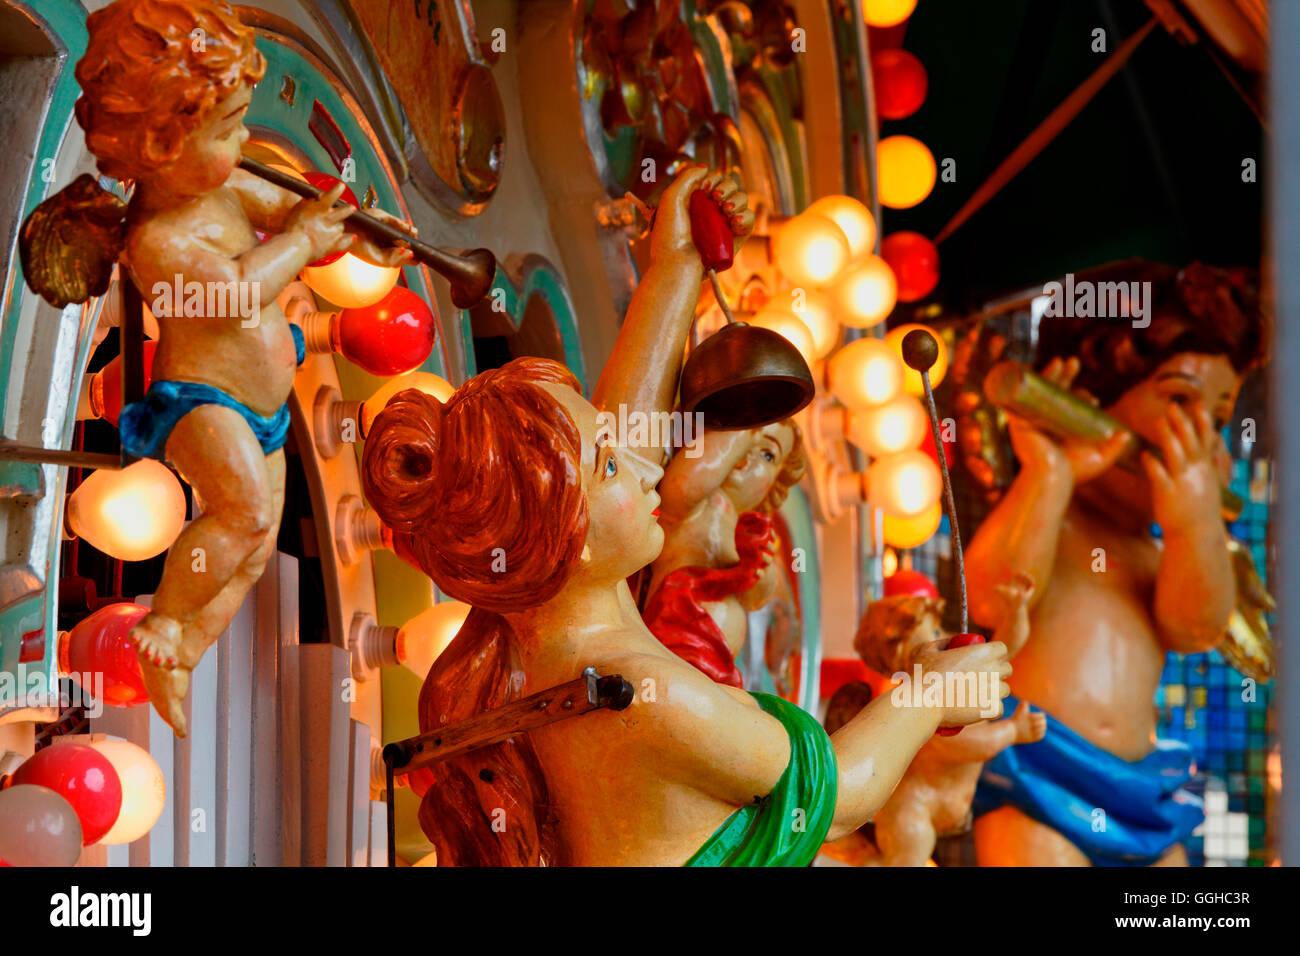 Detalle de un órgano en la feria Auer Dult, Au, mercado, Alta Baviera Munich, Baviera, Alemania Imagen De Stock